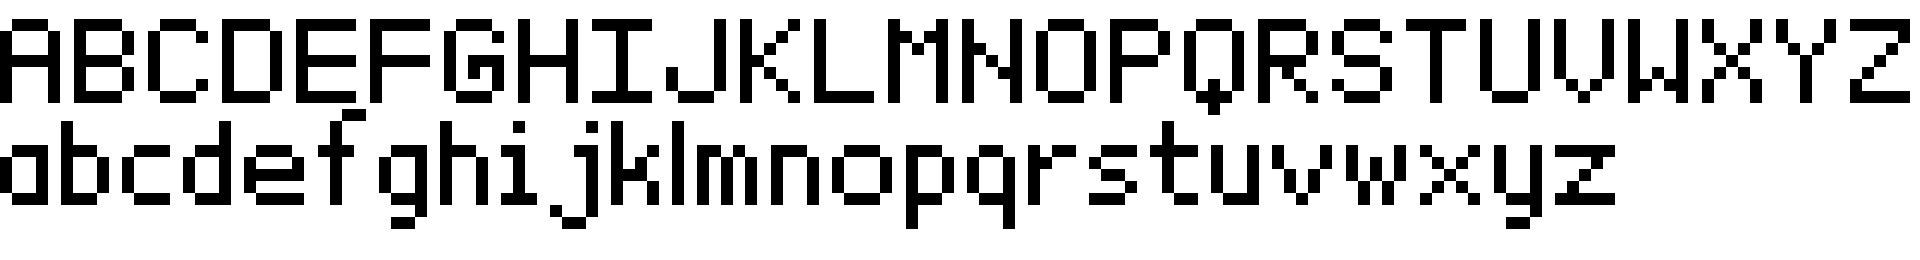 BitxMap Font tfb